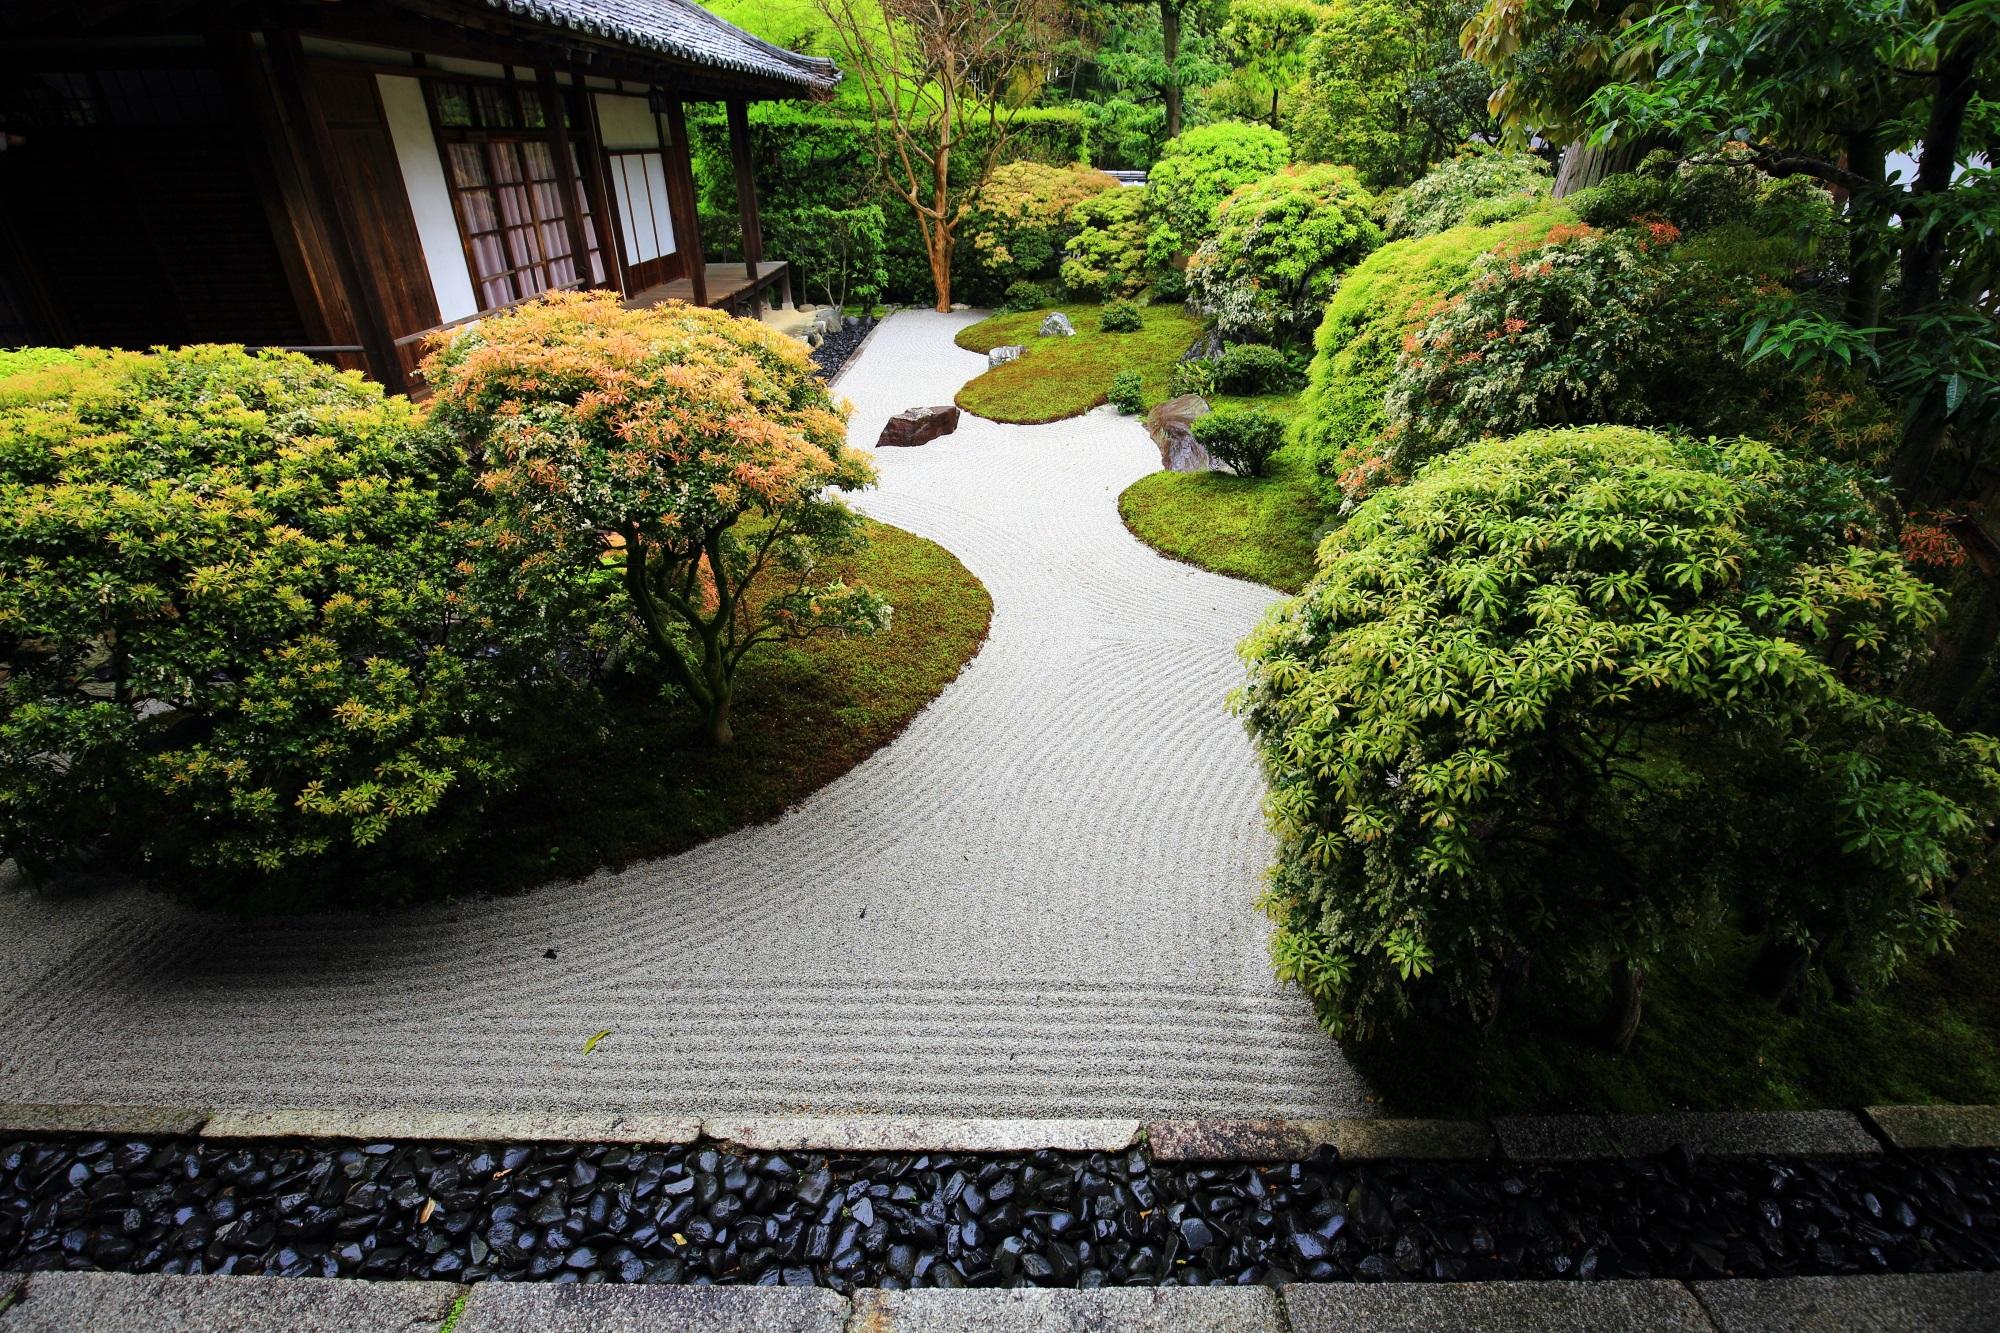 昭和を代表する作庭家「中根金作」によって作られた大心院の阿吽庭